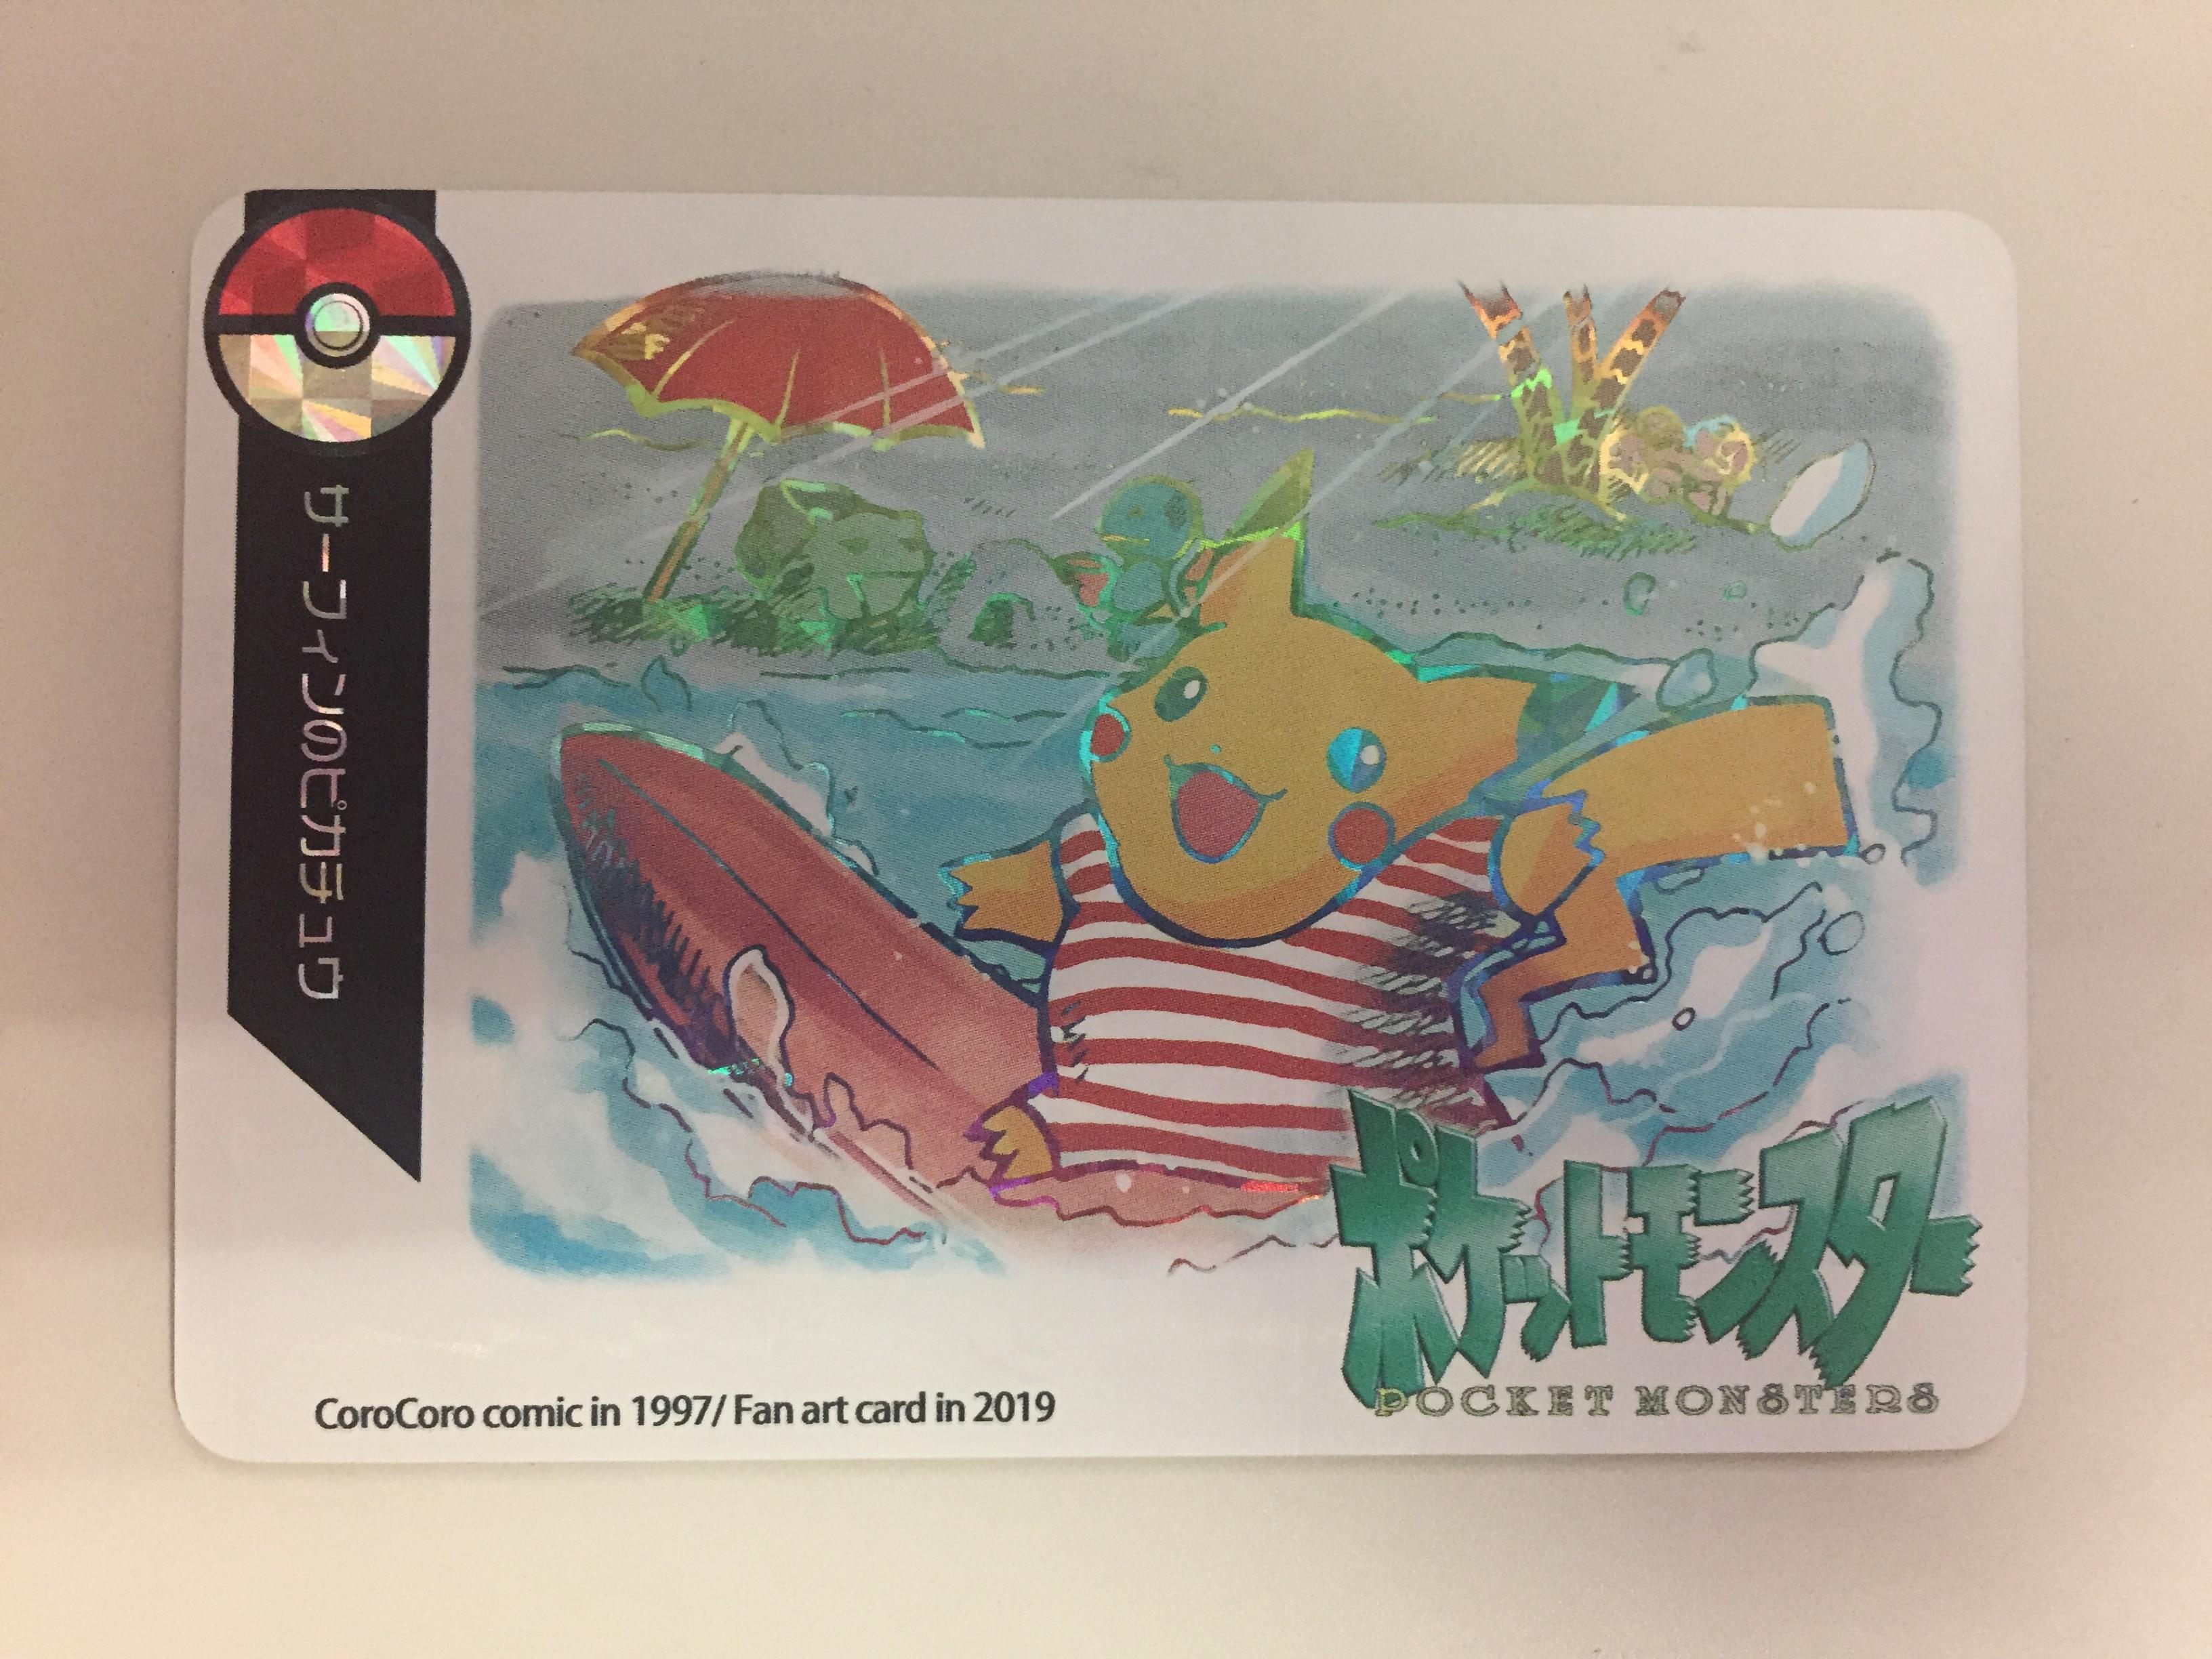 Pokemon Pokemon Cards Pocket Monster Pet Elves Po Can Dream Pikachu For Travel Flash Cards